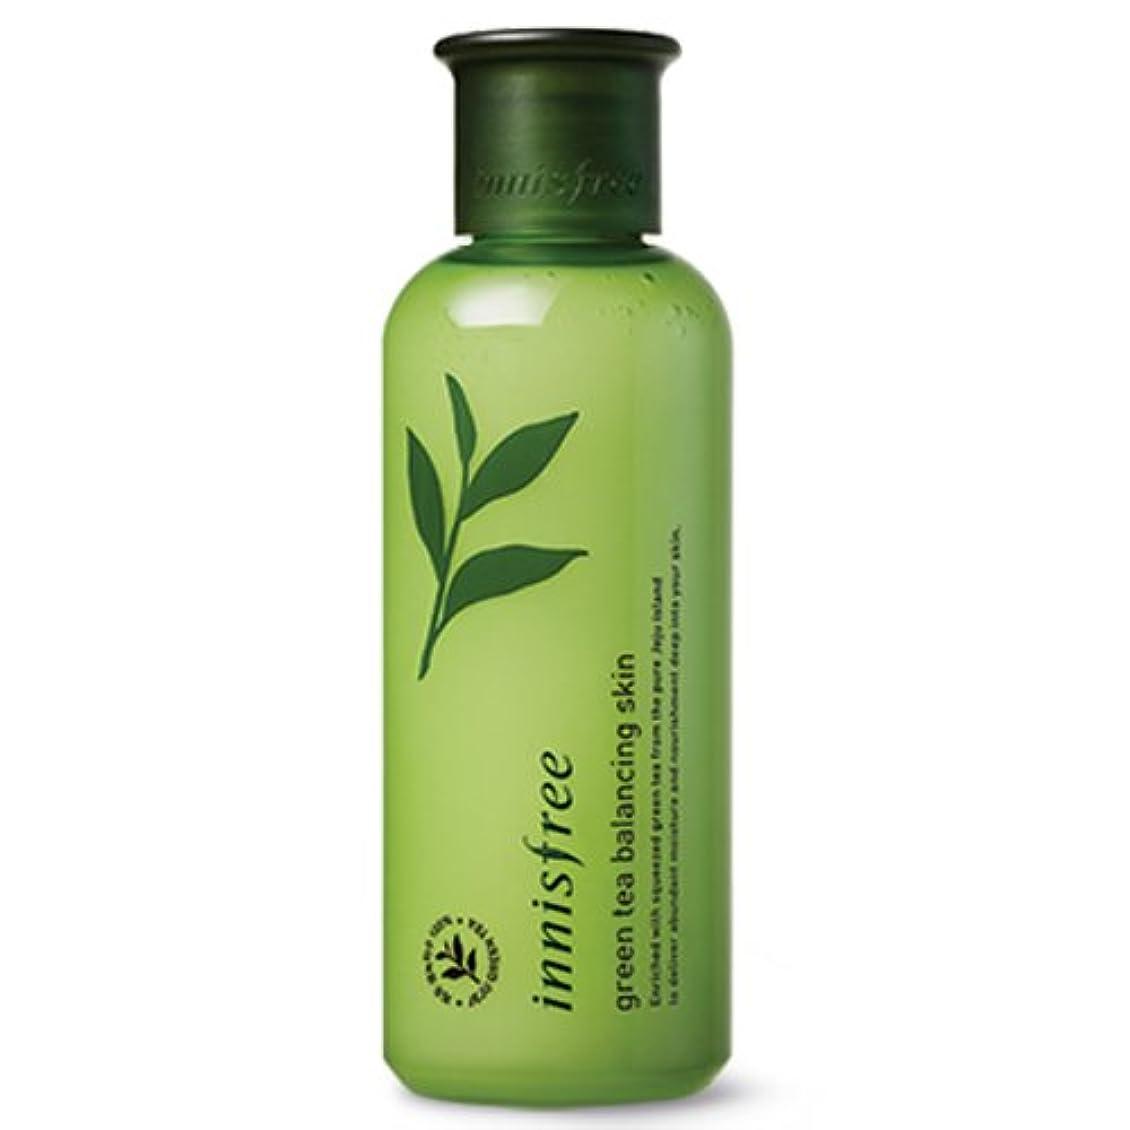 少しバルセロナエアコン[INNISFREE]イニスフリーグリーンティーバランシング スキン200ml green tea balancing skin 200ml